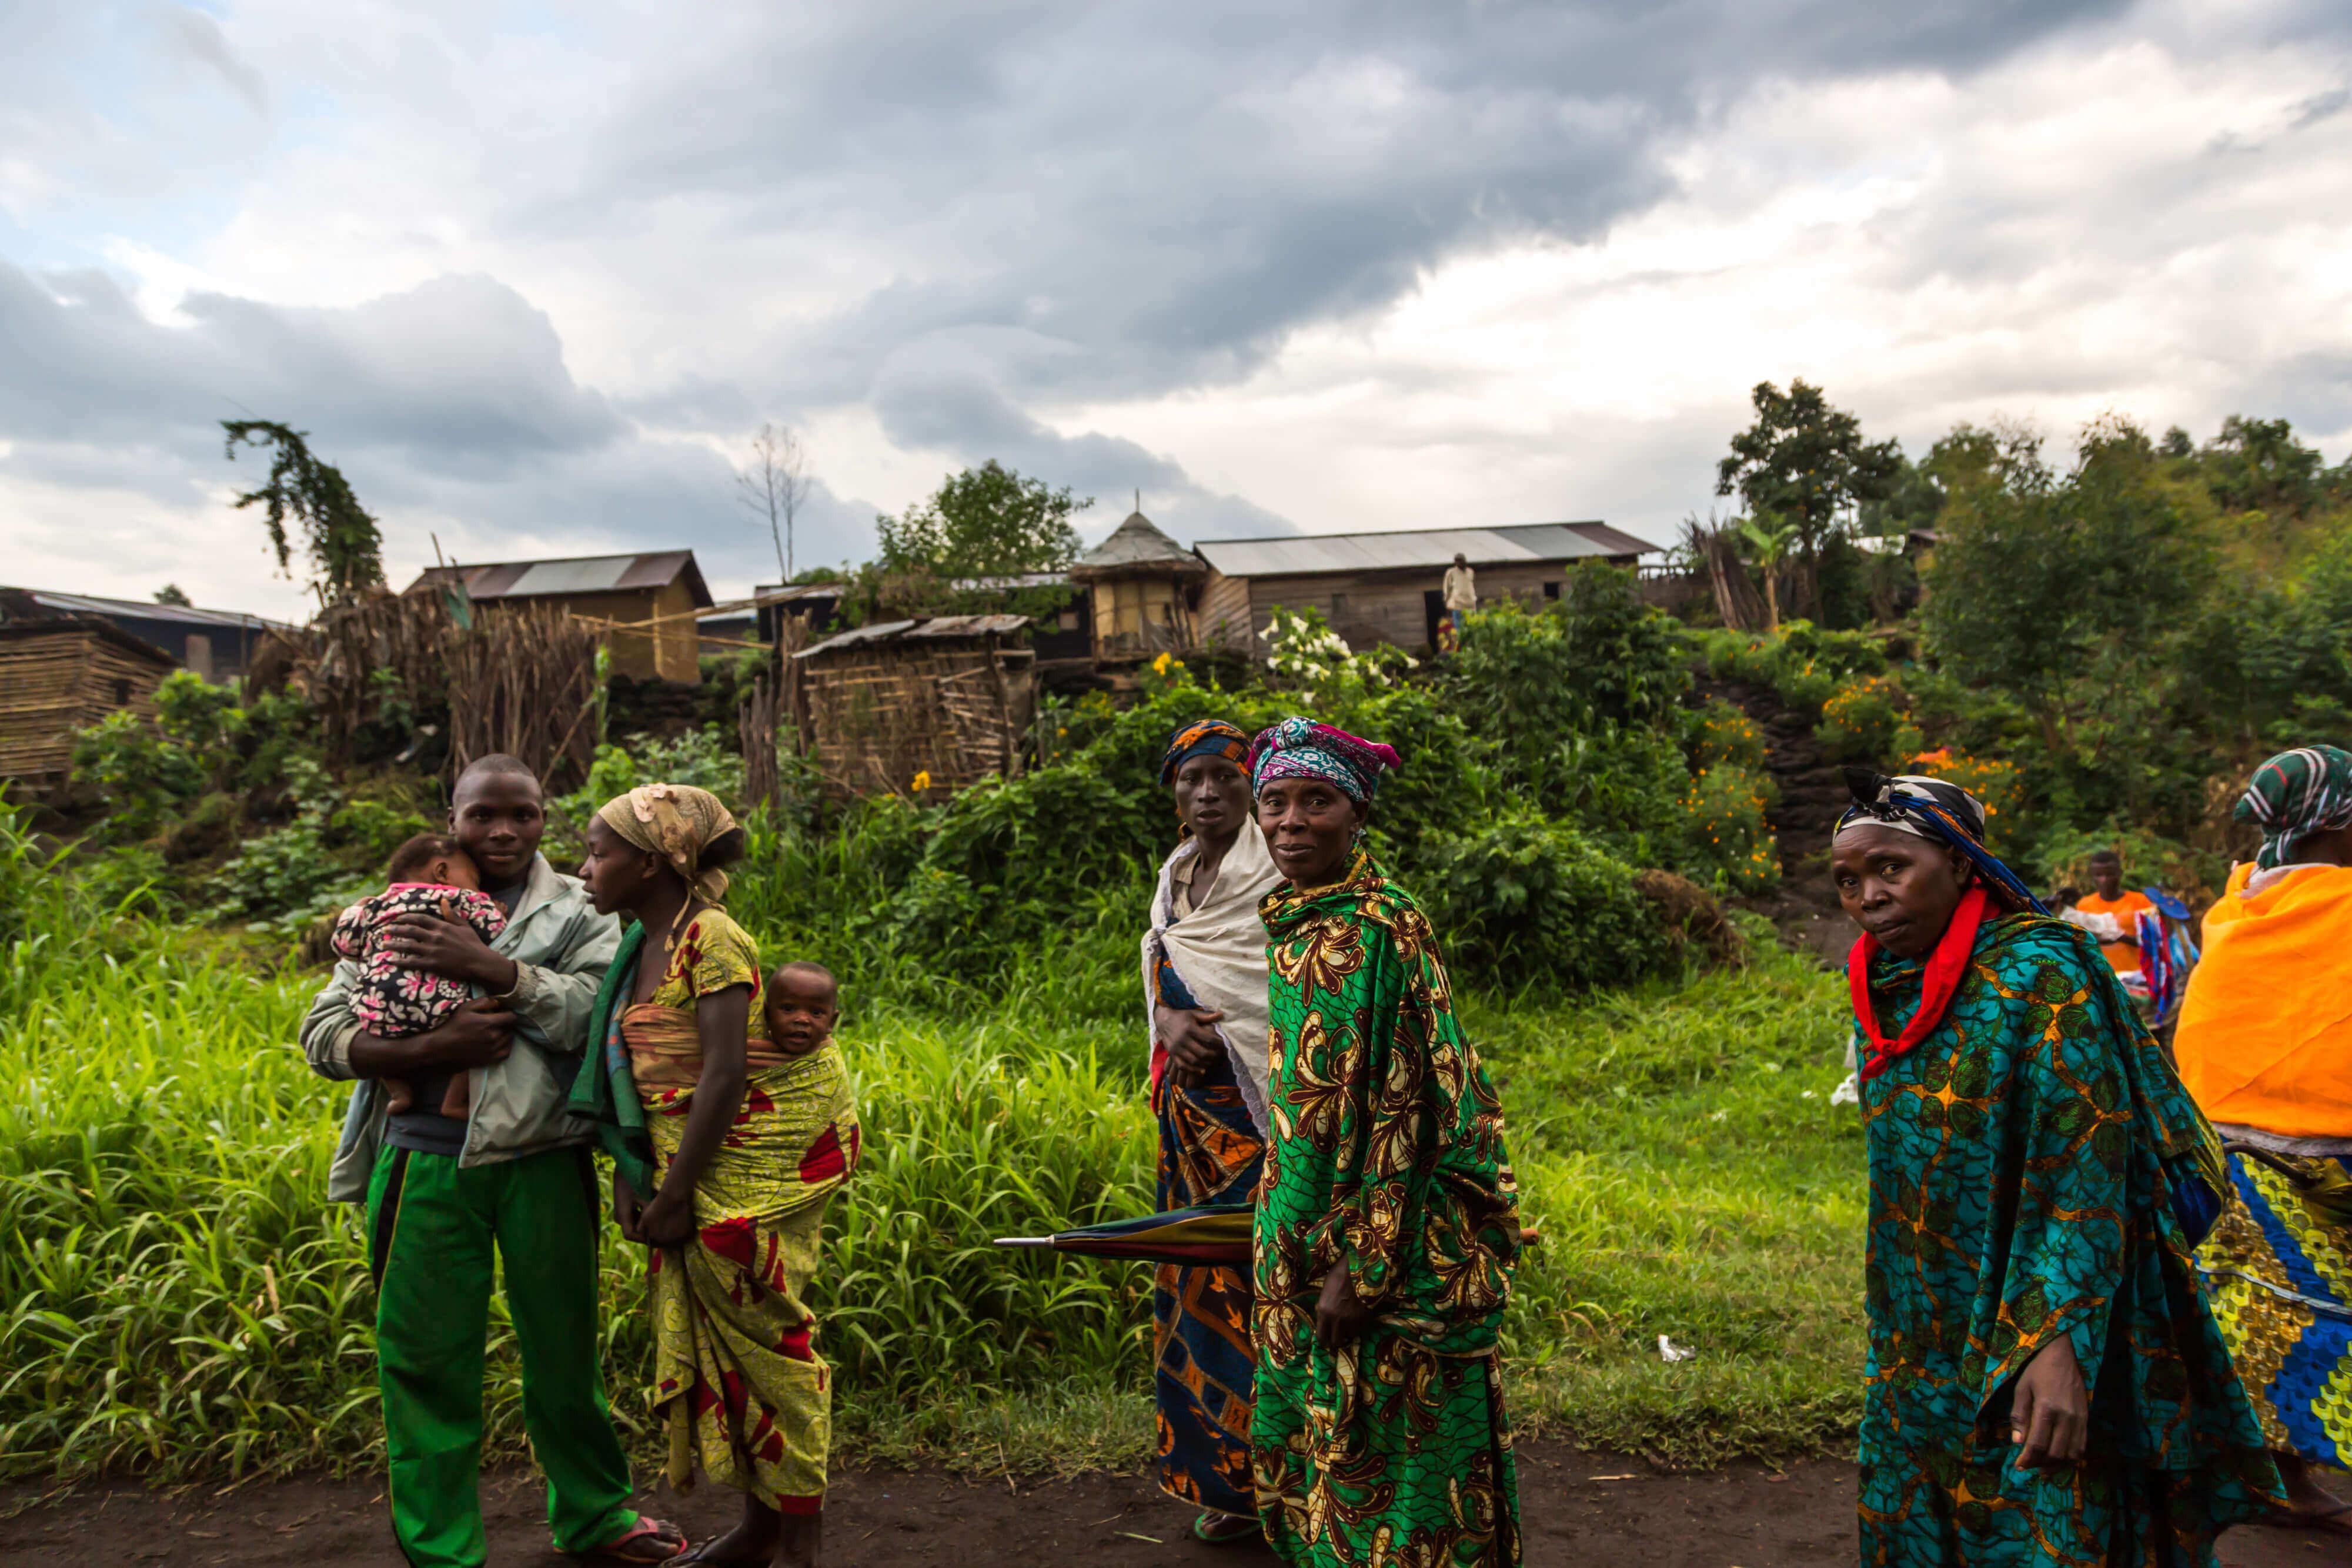 un gruppo di abitanti africani per strada